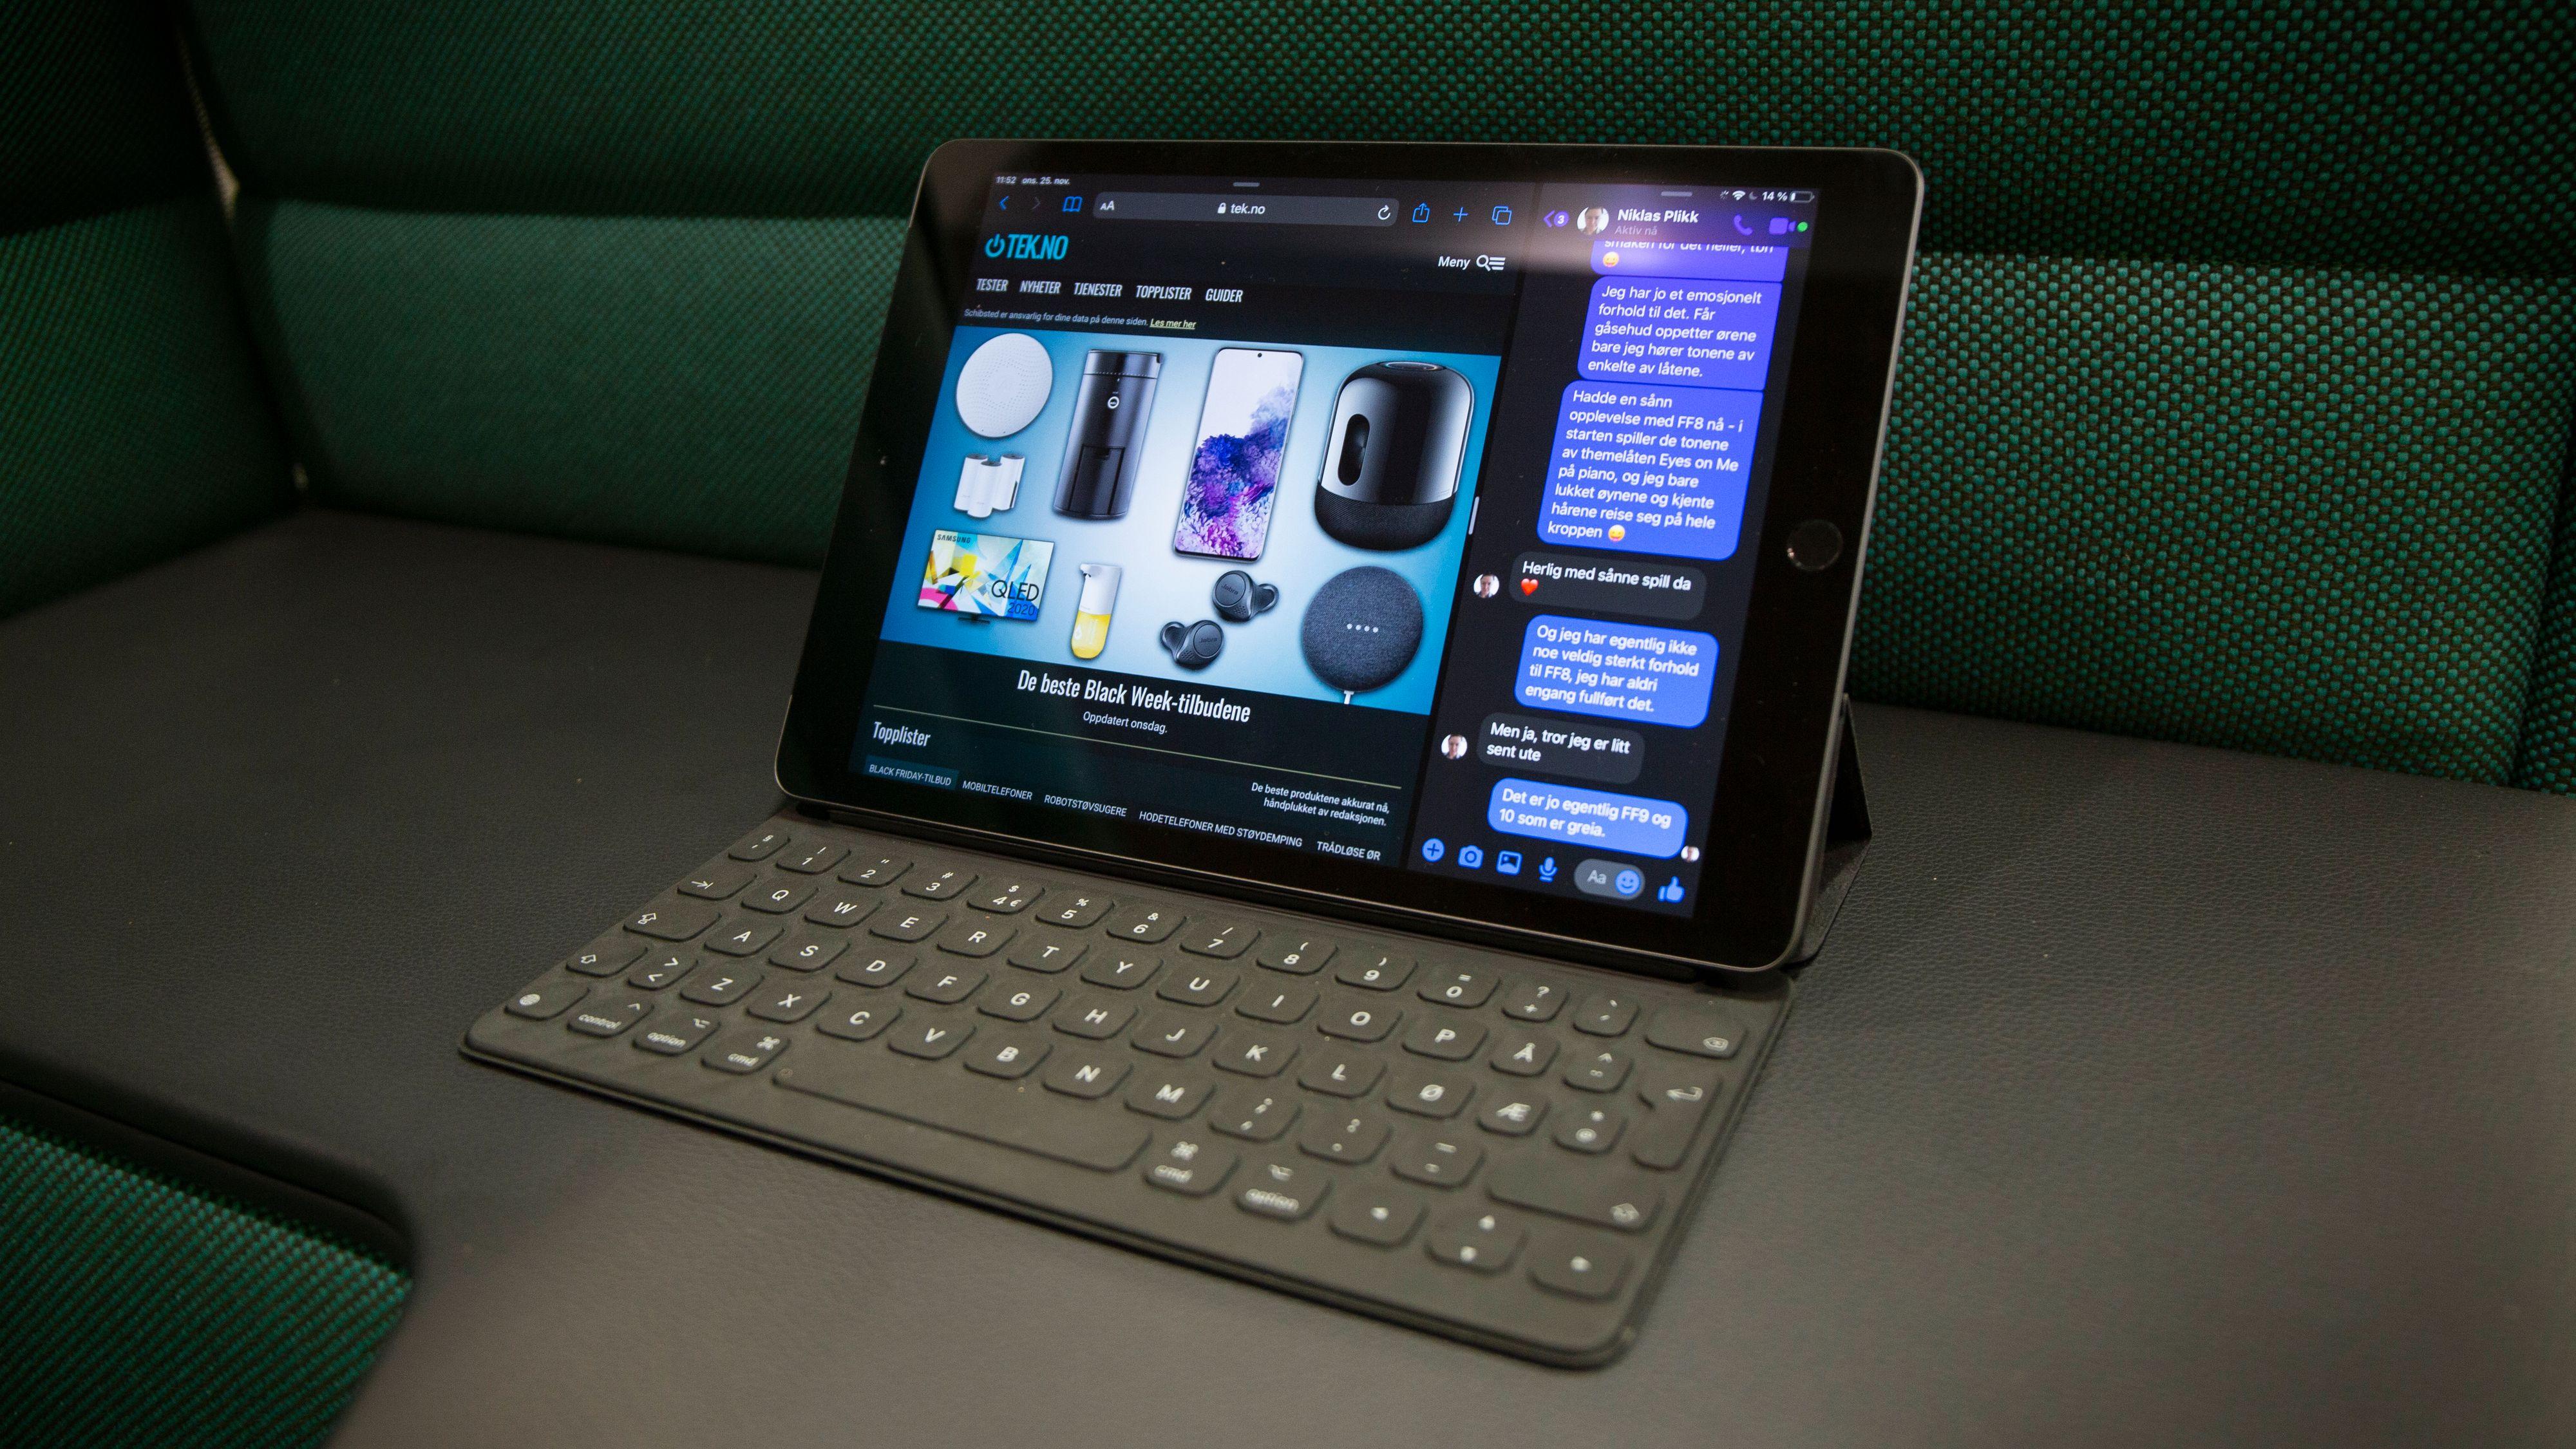 Med iPadOS kom også muligheten for multitasking, som var kjærkommen - når du lærer deg hvordan den brukes.